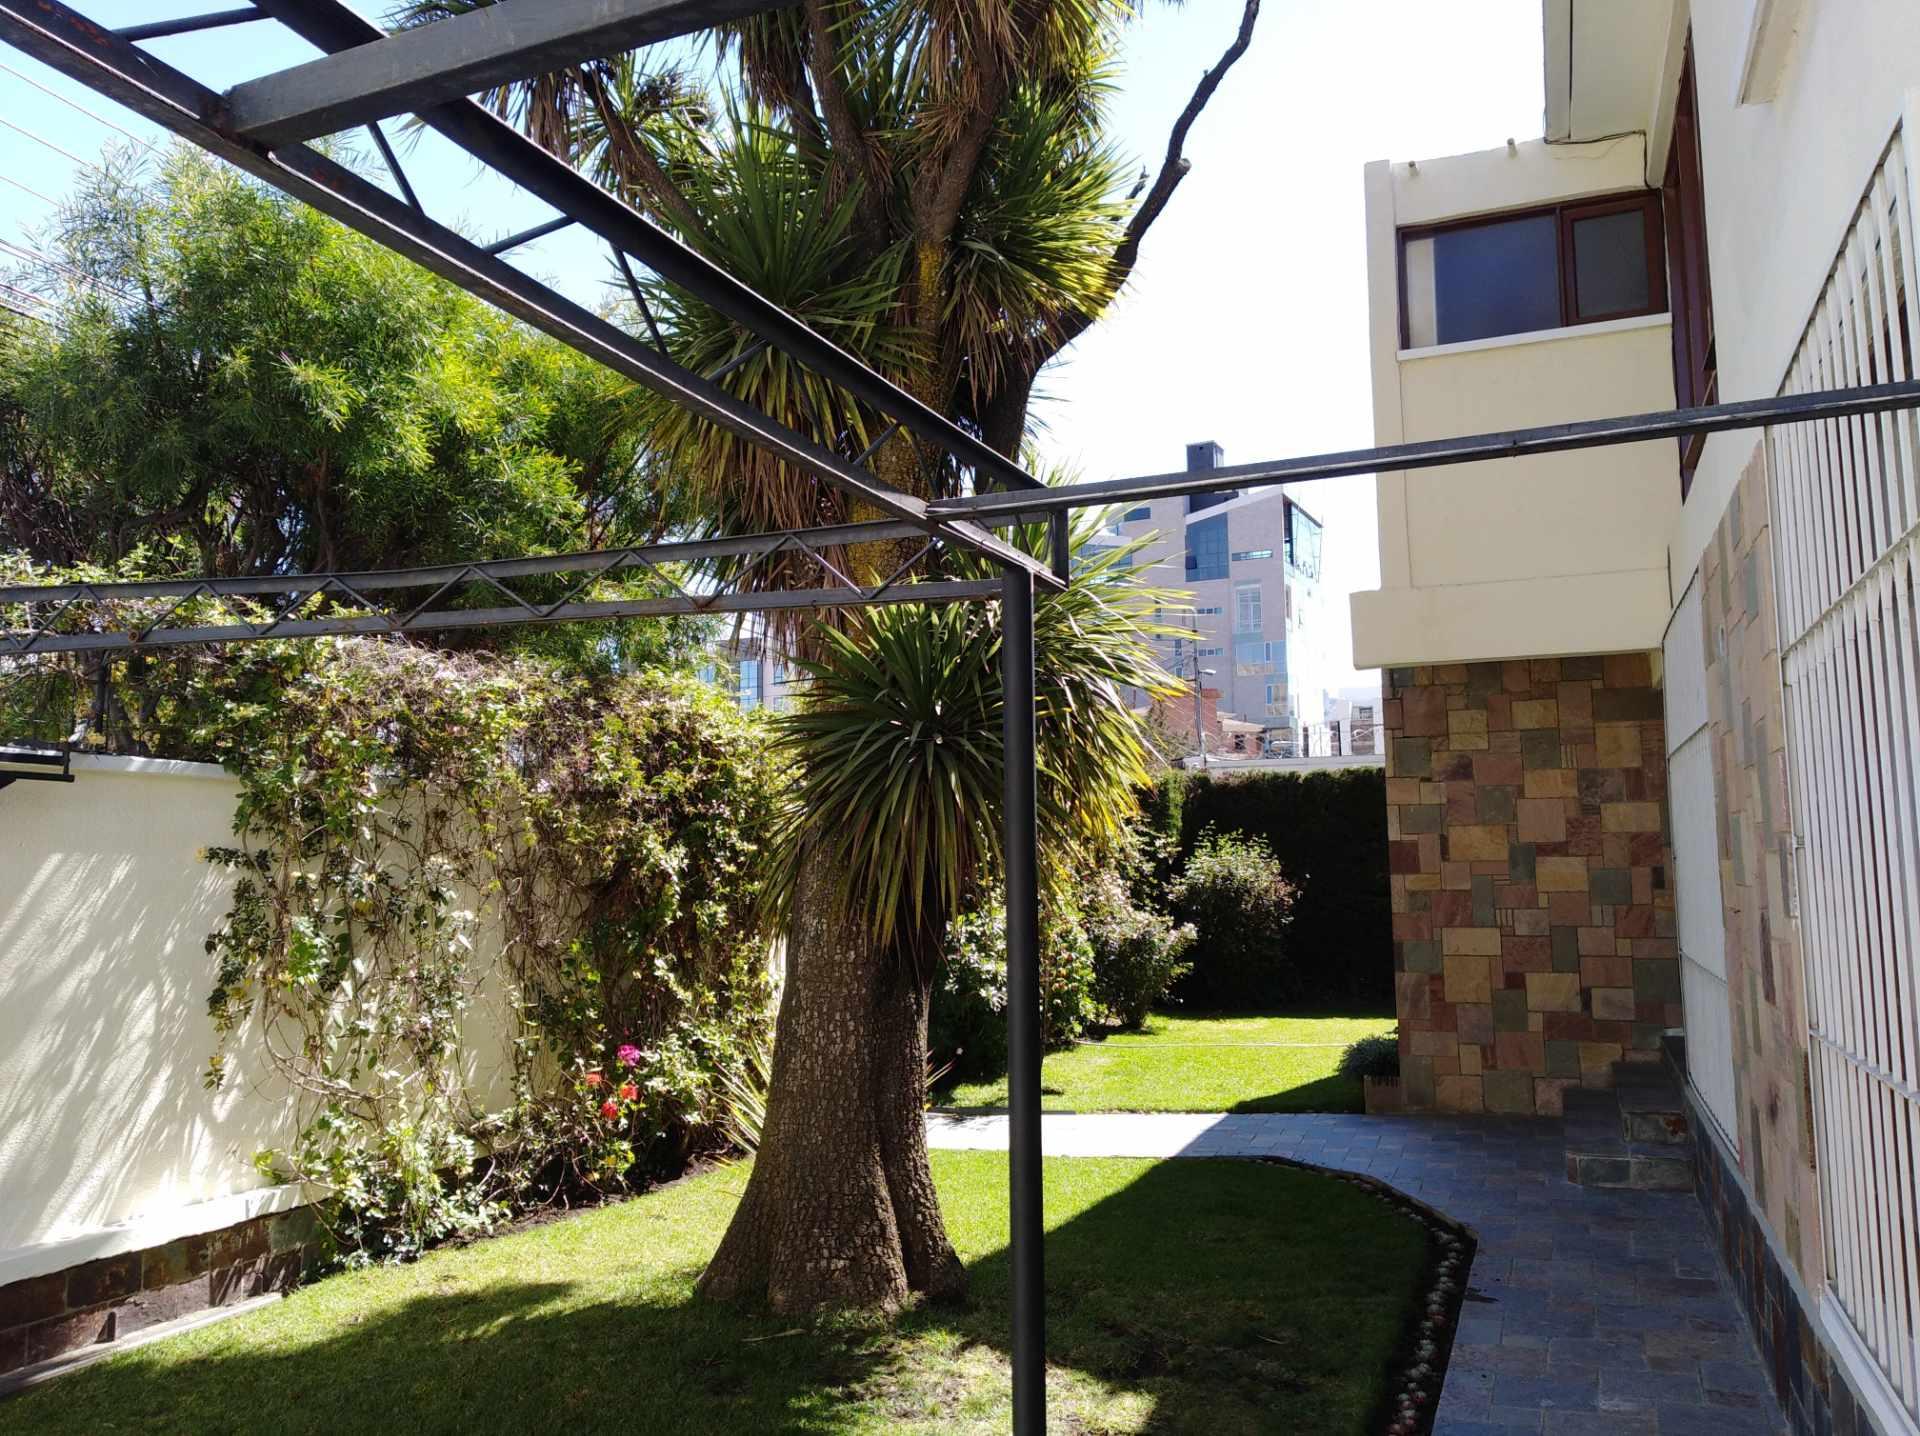 Casa en Alquiler CALACOTO calle 16 a 1/2 cuadra de la Av. Julio C. Patiño.  Foto 3